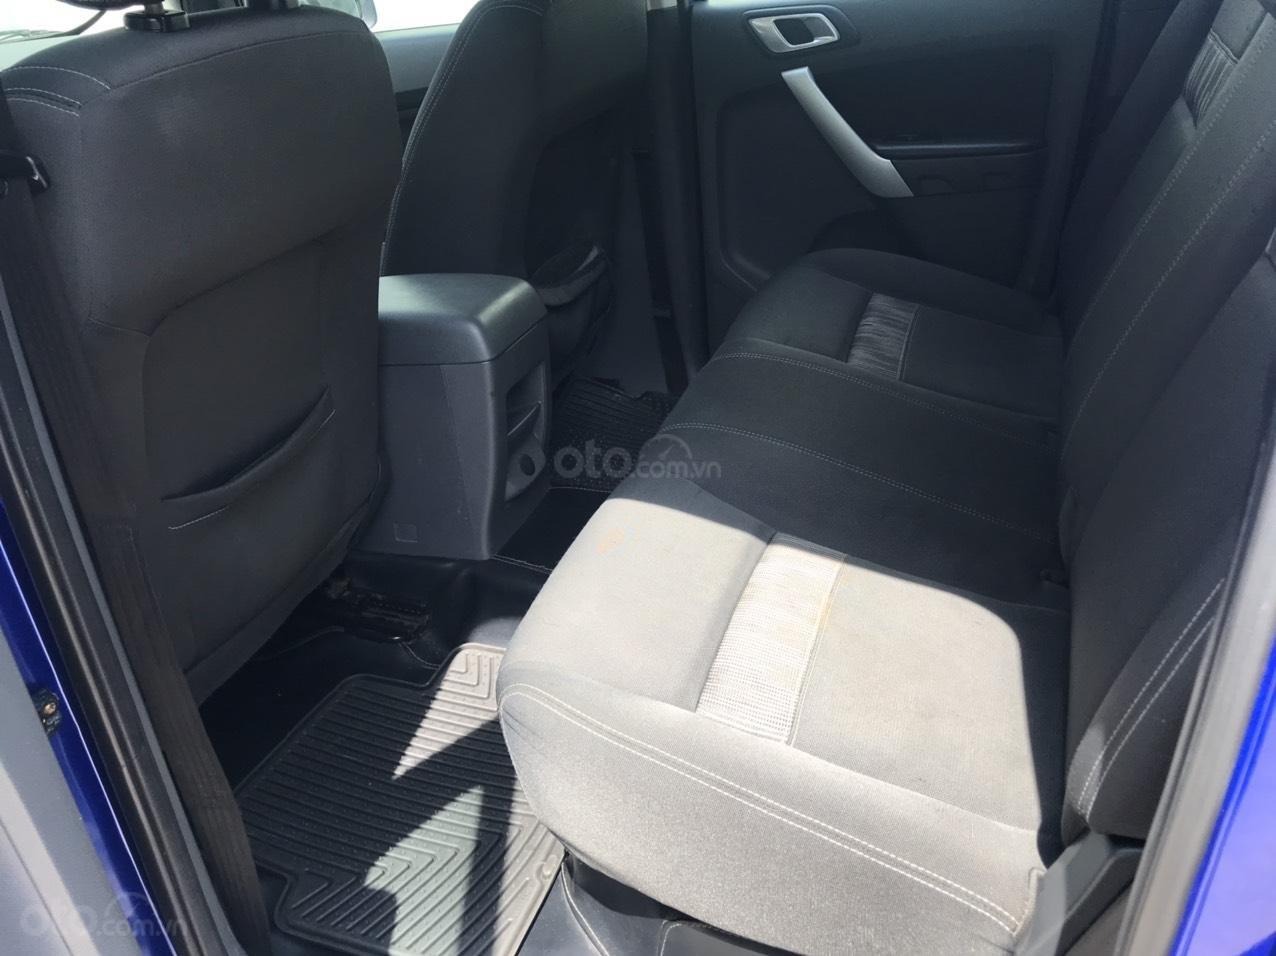 Cần bán Ford Ranger XLT MT 2.5L 2015, màu xanh lam, xe nhập, giá chỉ 485 triệu (6)